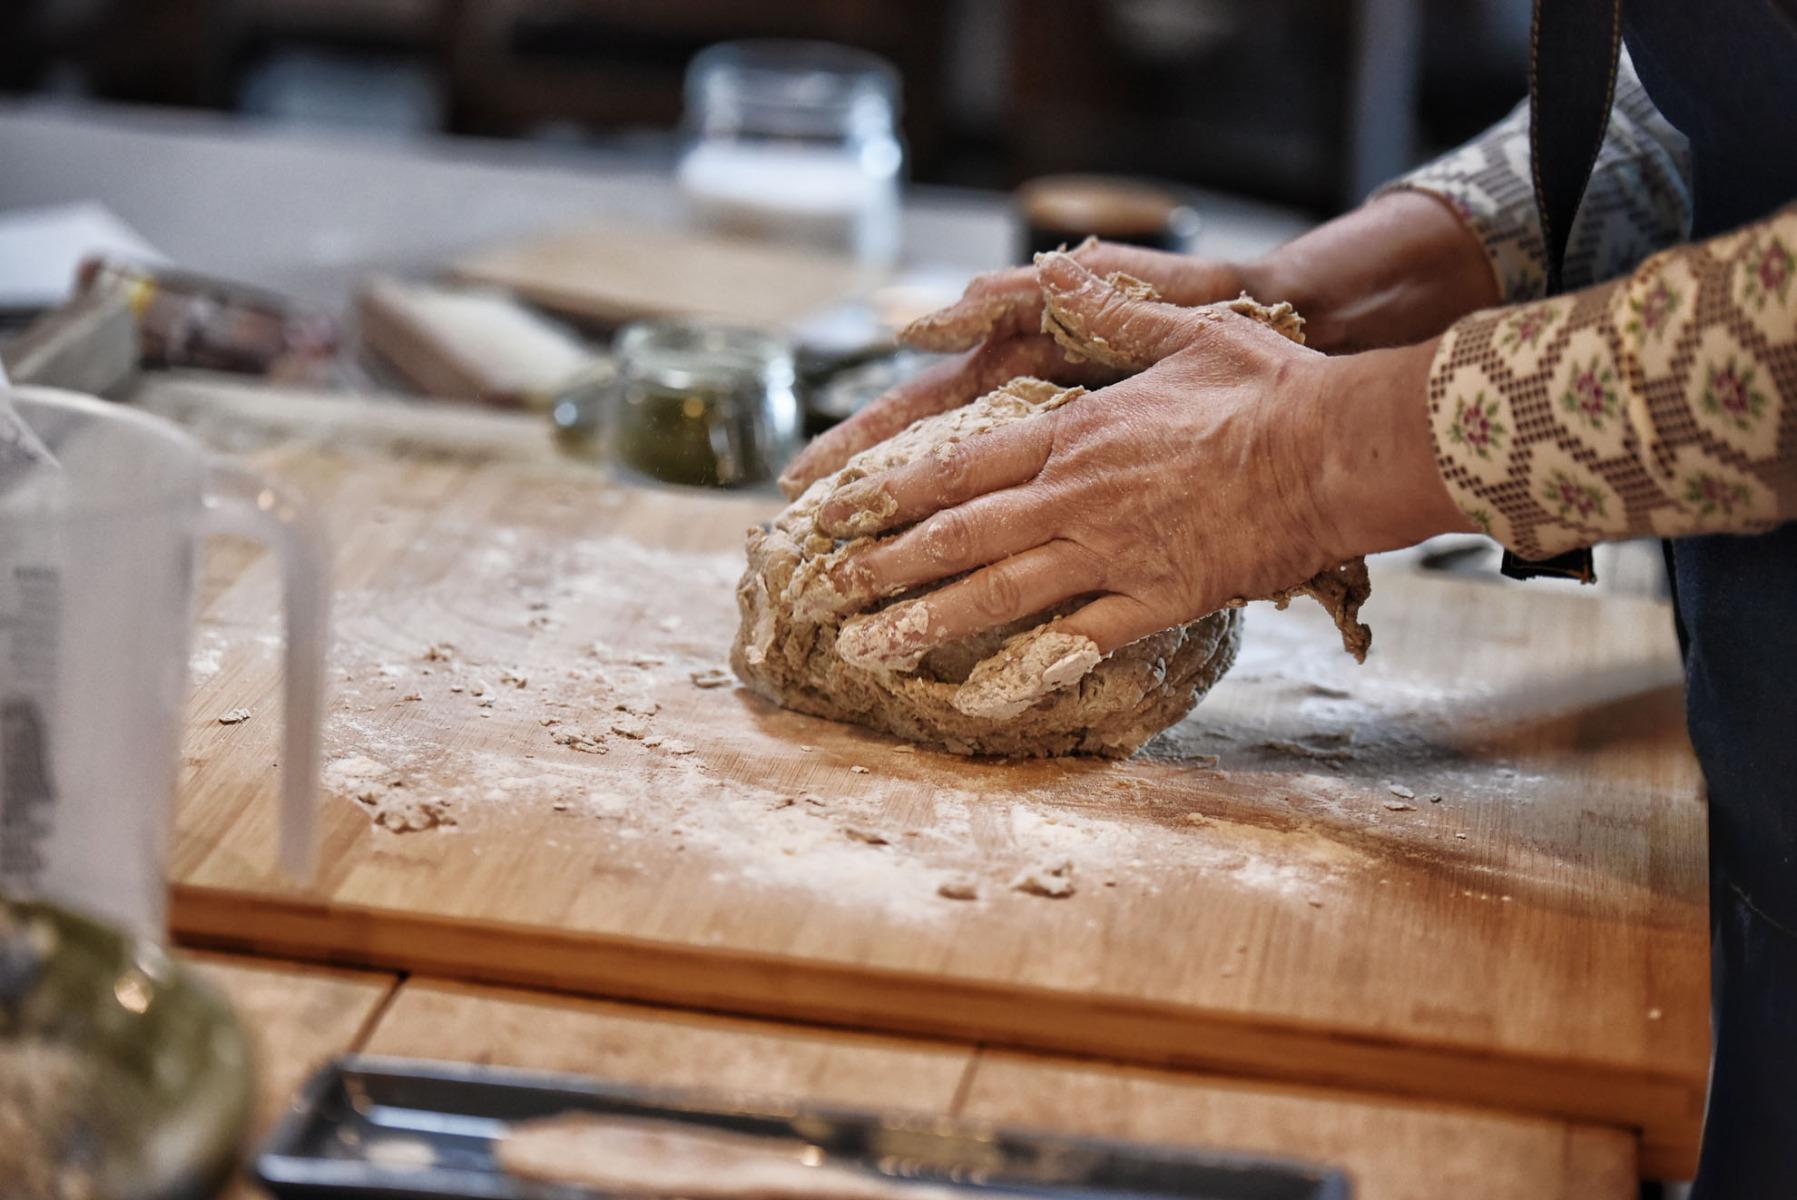 Brotteig-Zubereitung - Kneten Holzbrett